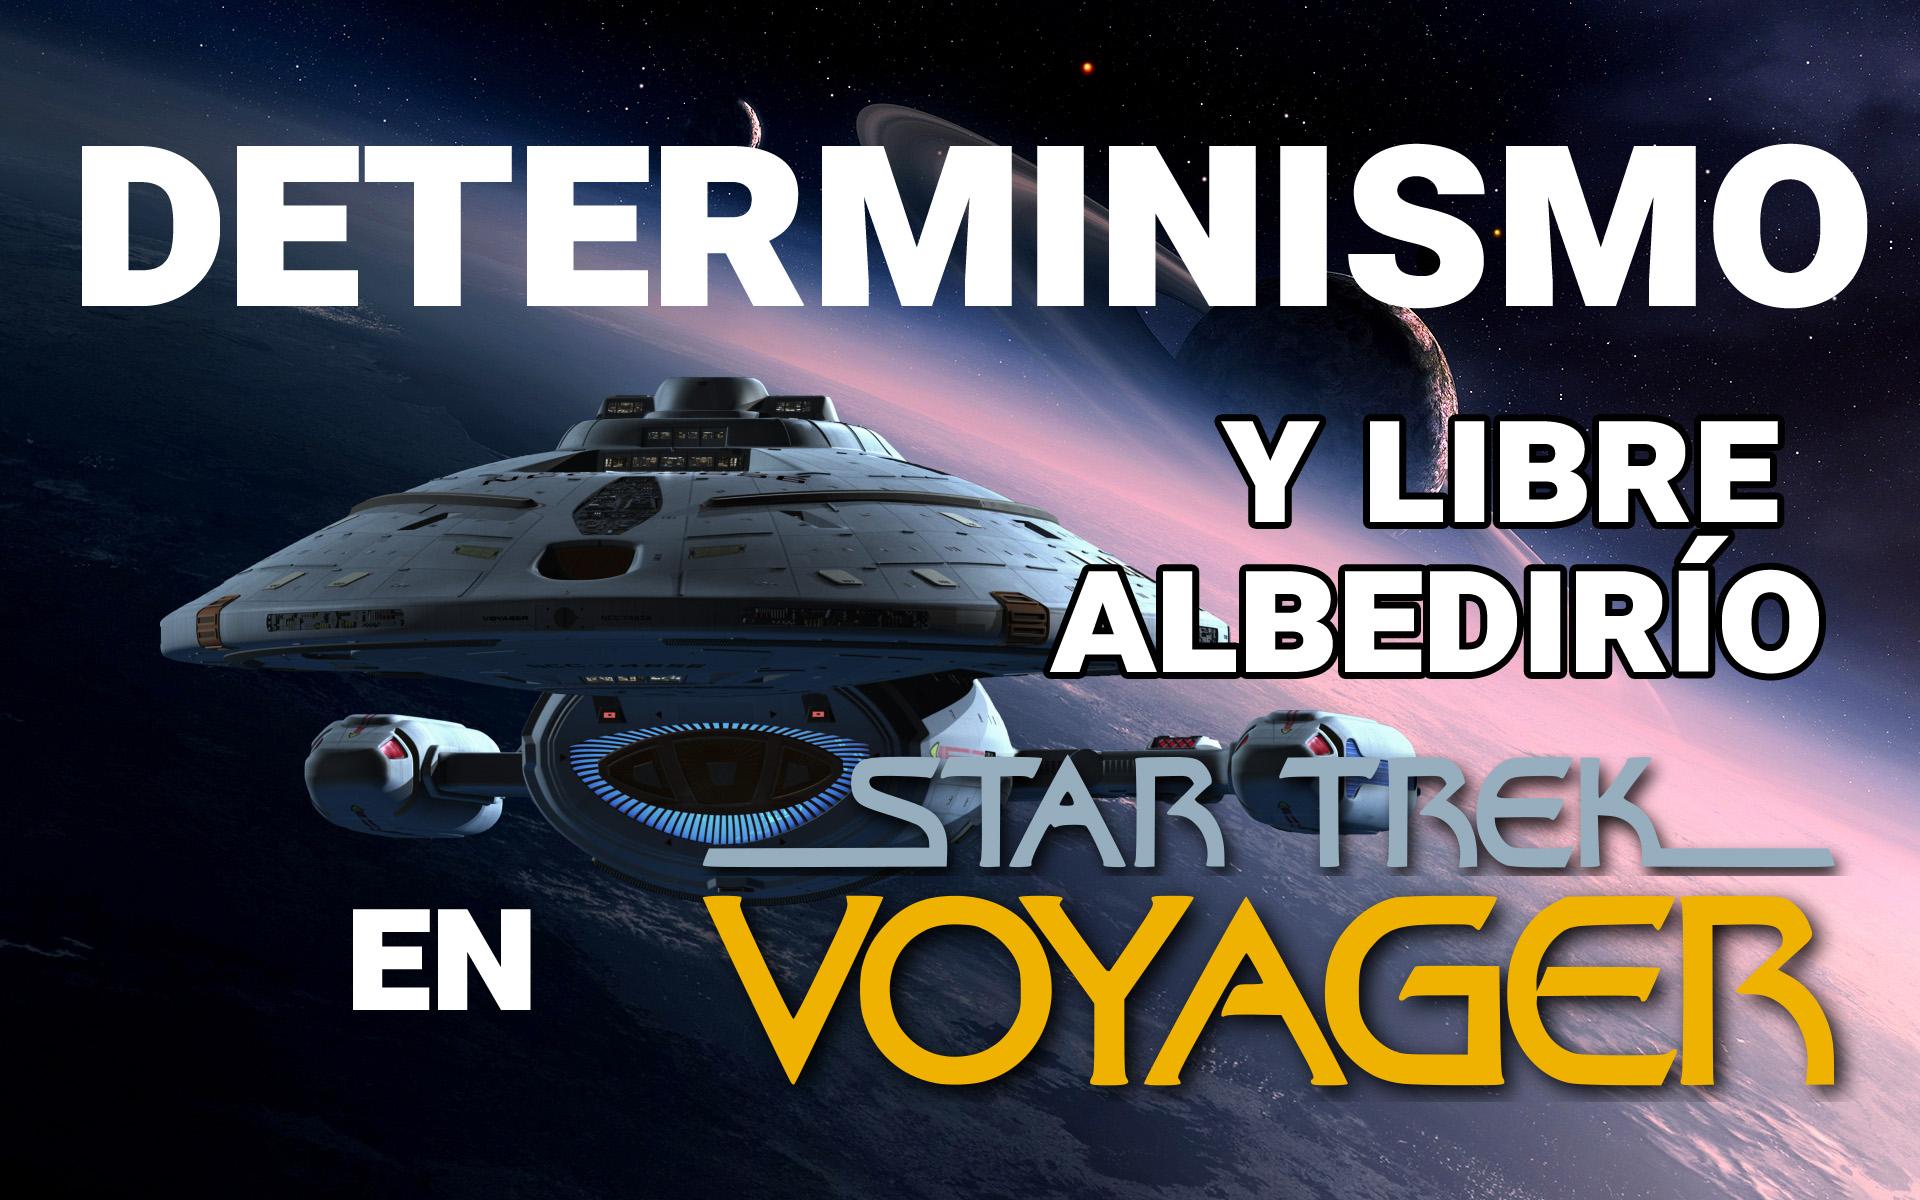 Determinismo y Libre Albedrío en Star Trek: Voyager